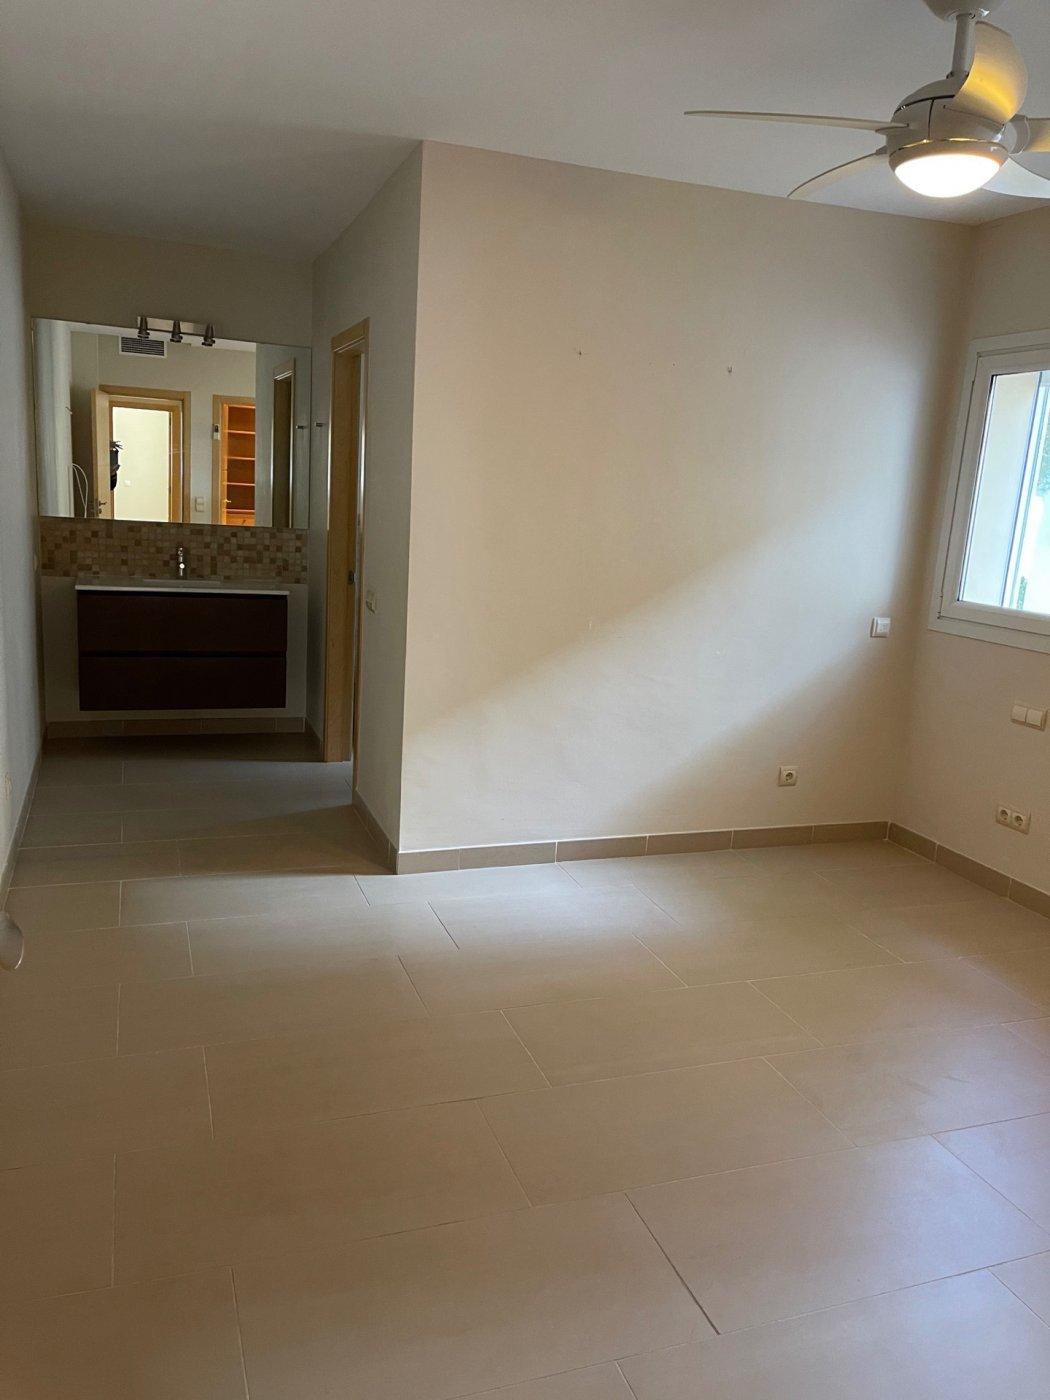 Elagante piso en alquiler en la zona de cas catalÁ, calviÁ - imagenInmueble13